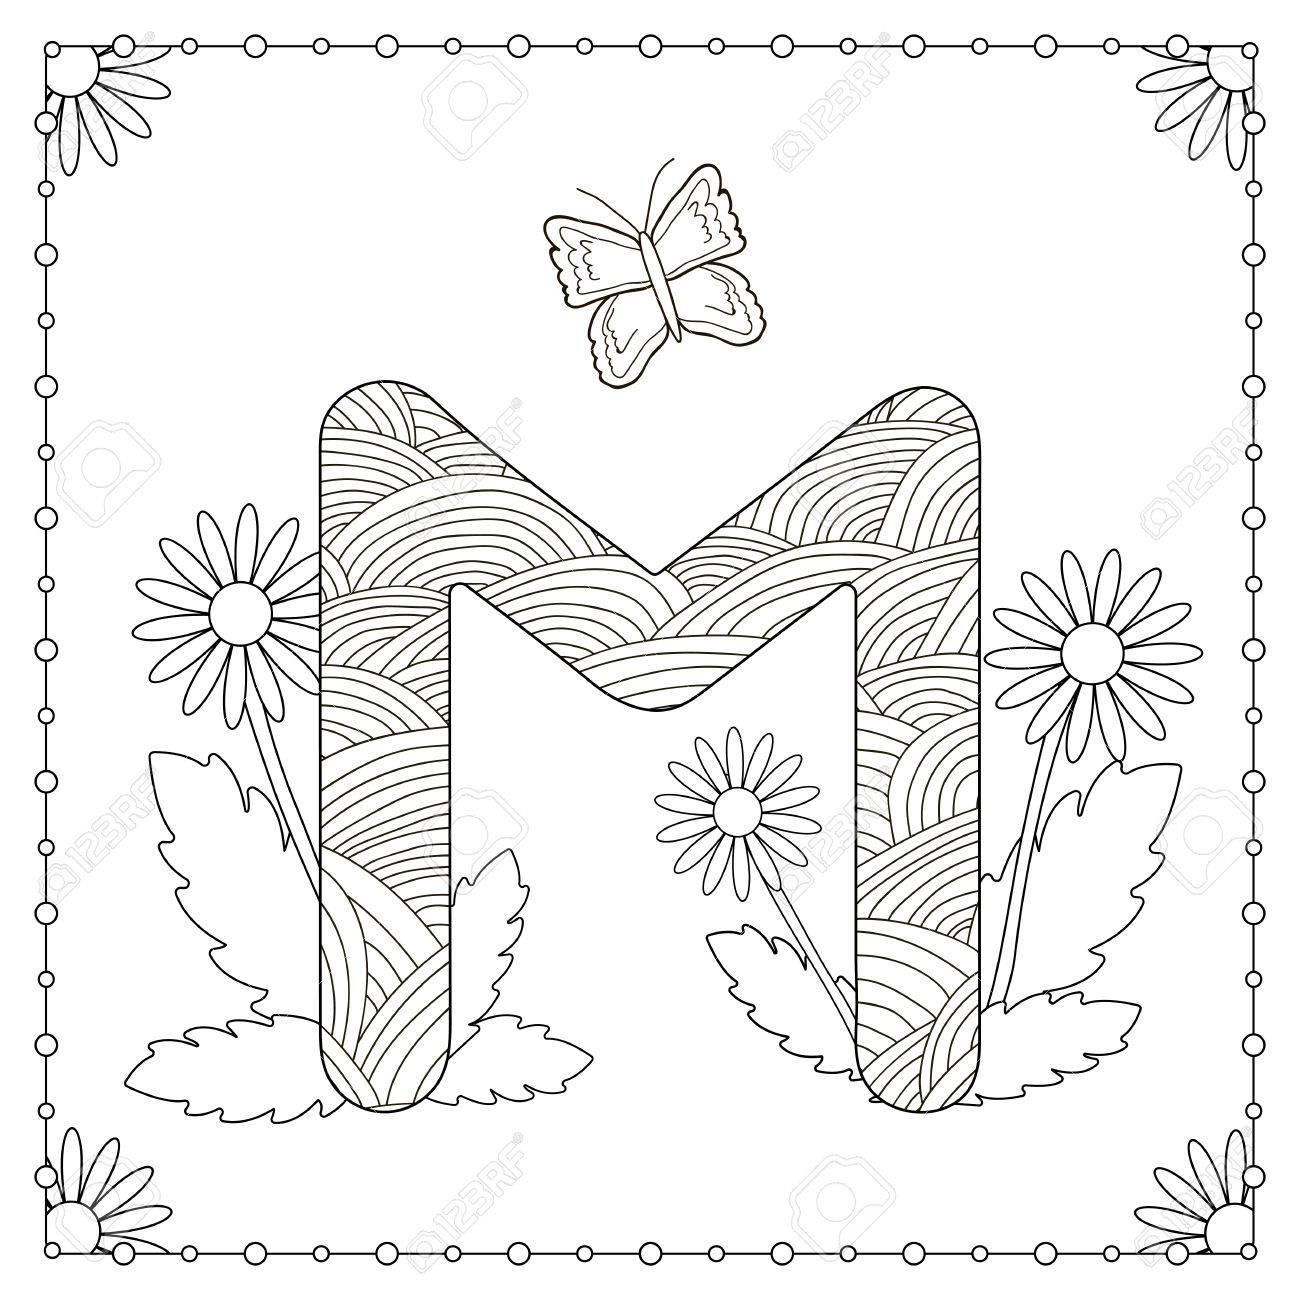 Alphabet Ausmalbilder Großbuchstabe M Mit Blumen Blättern Und